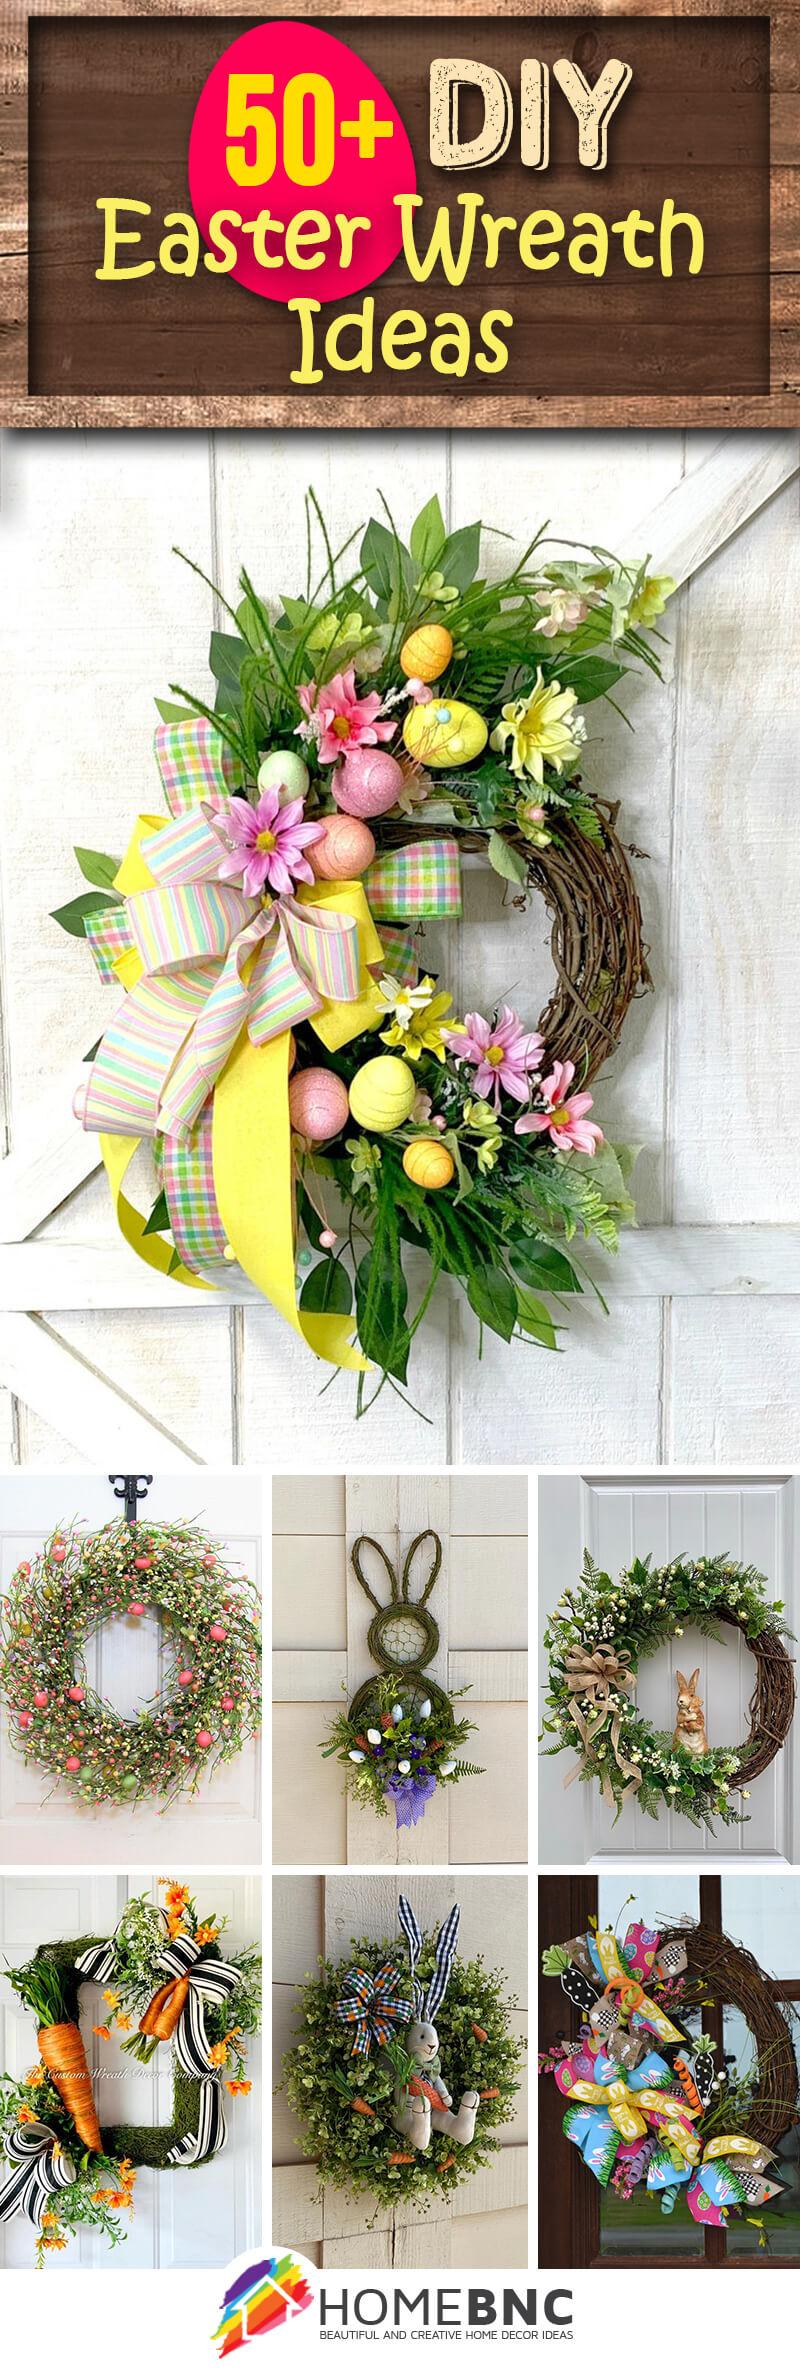 for front door,spring wreath,happy Easter wreath Easter wreath,easter floral wreath spring floral wreath